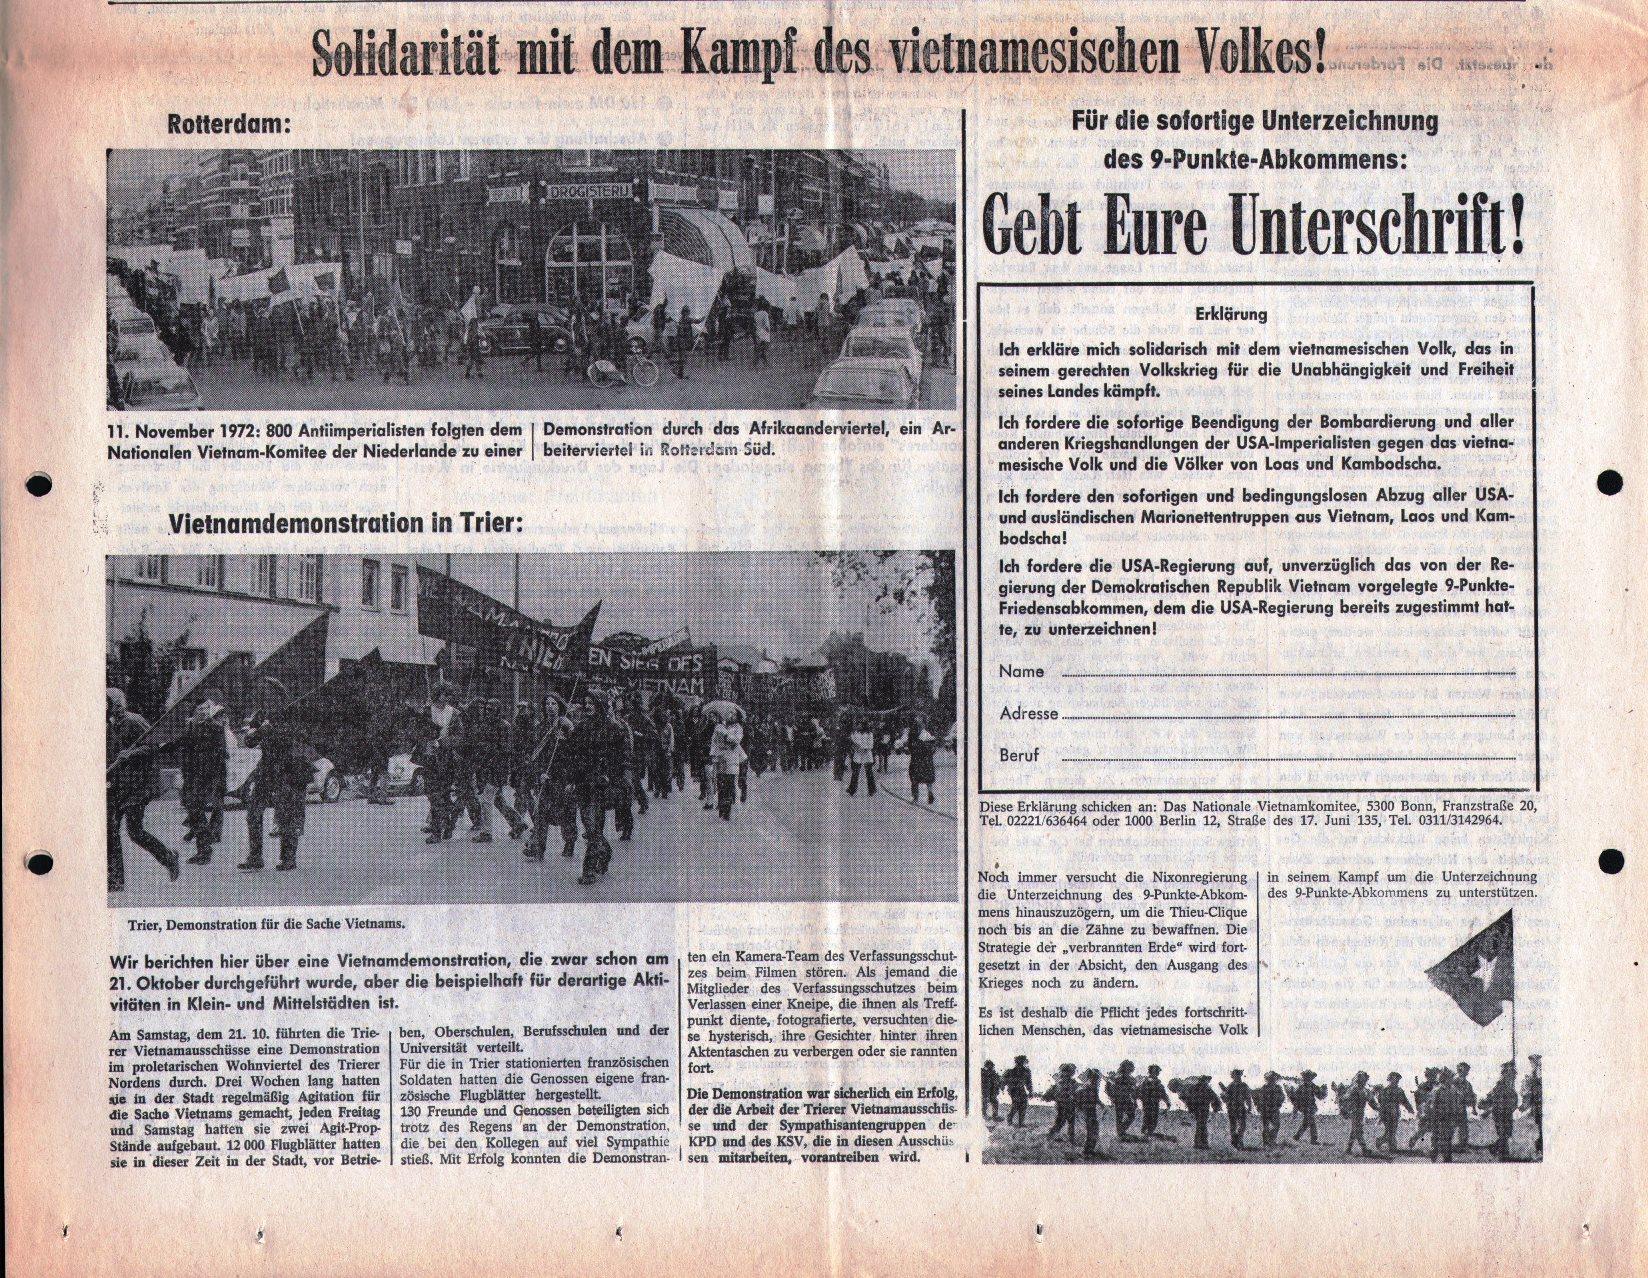 KPD_Rote_Fahne_1972_71_12